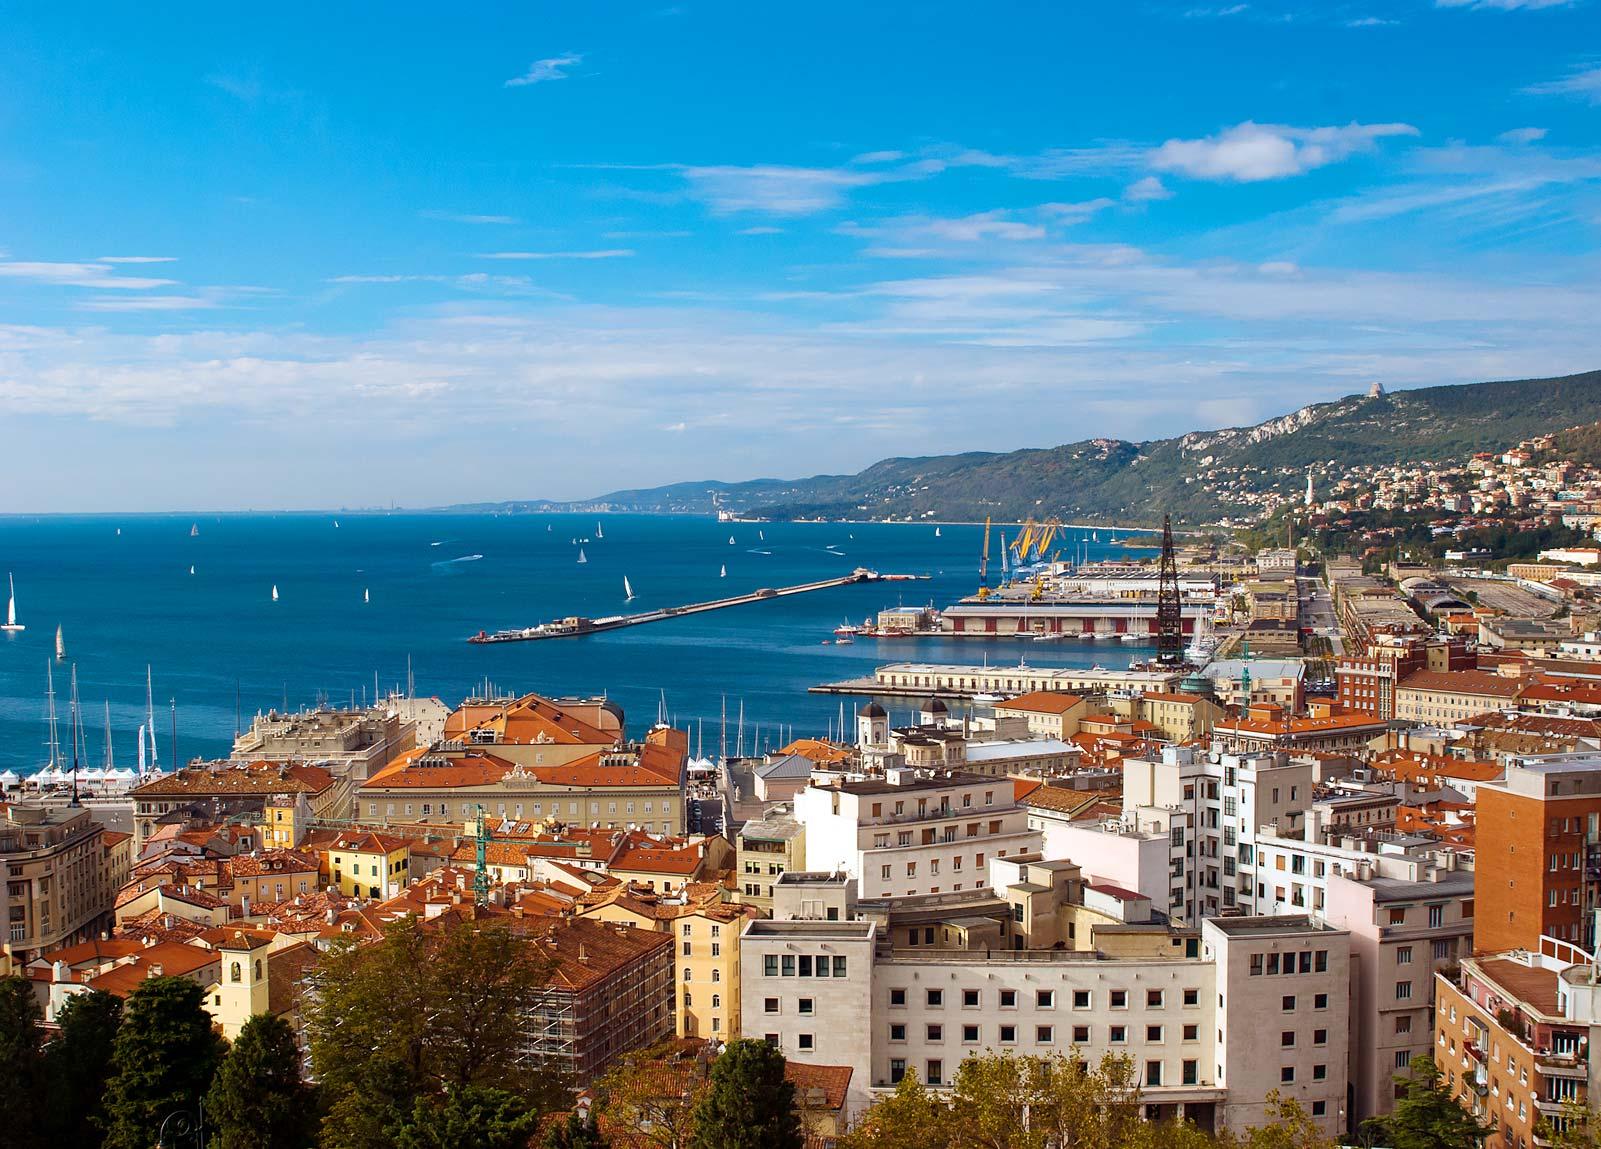 музея триест италия фото города нам просчитанной